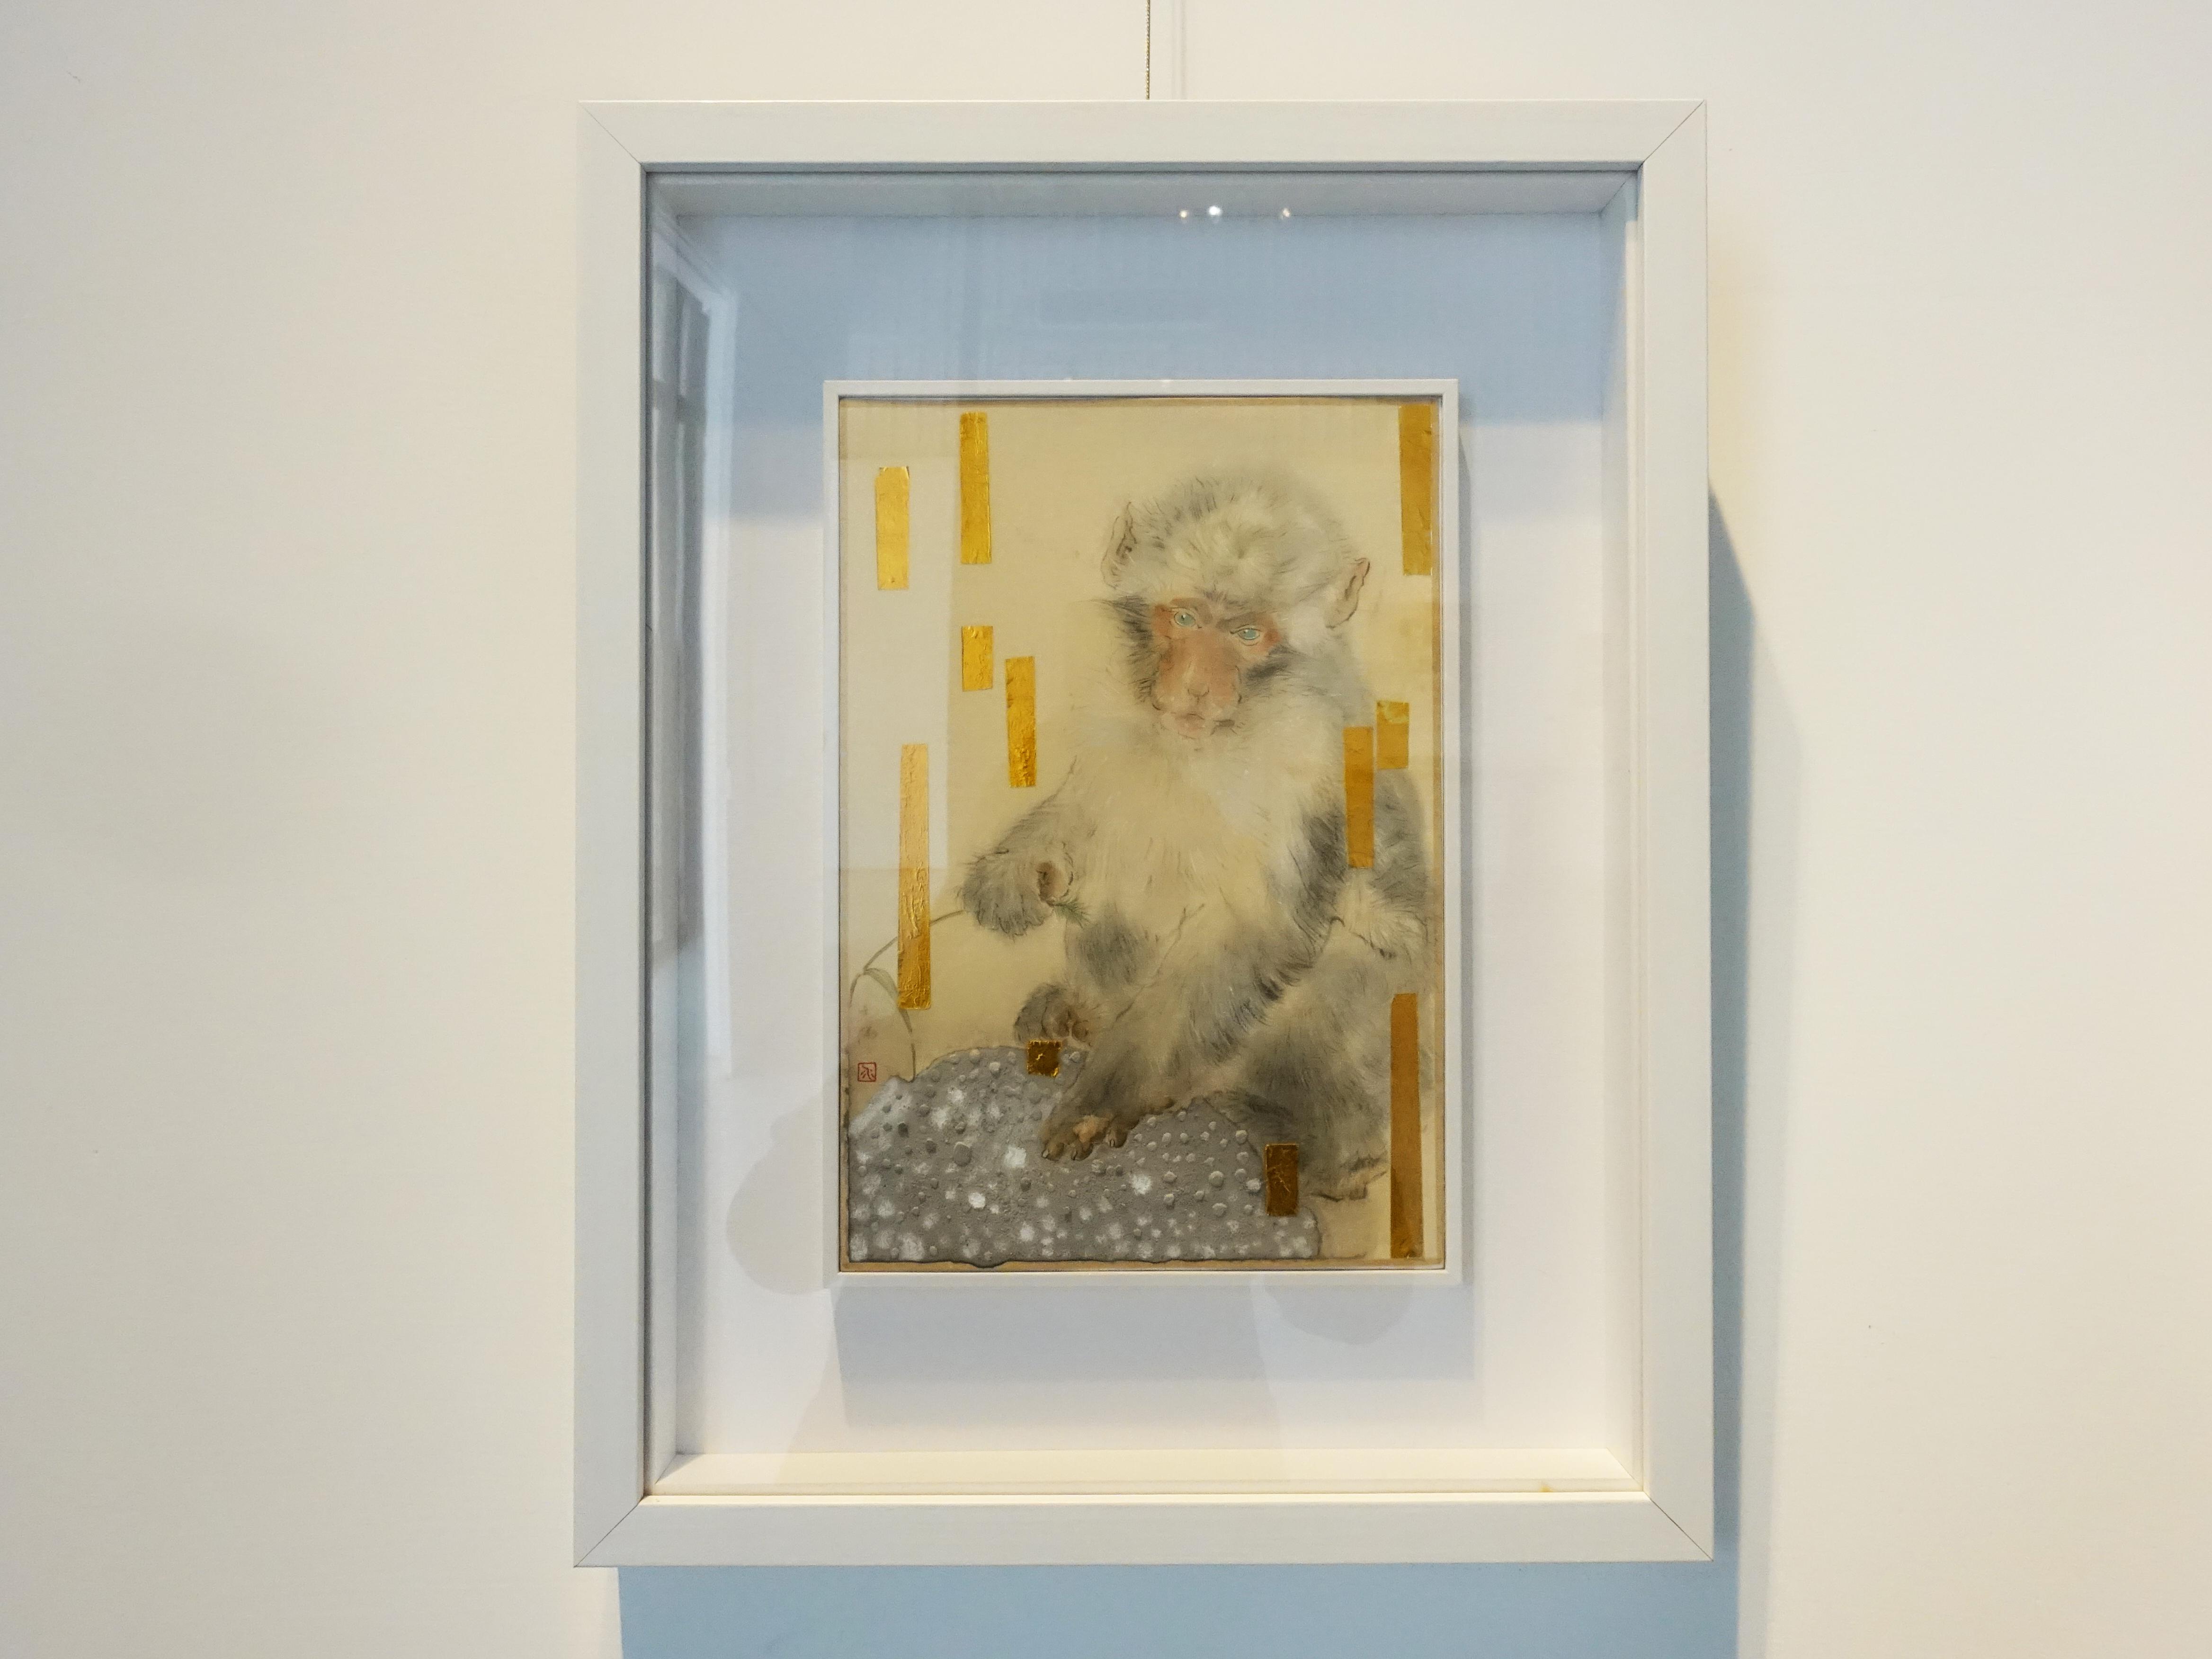 方志偉,《光年》,29 x 20 cm,絹本設色,2019。